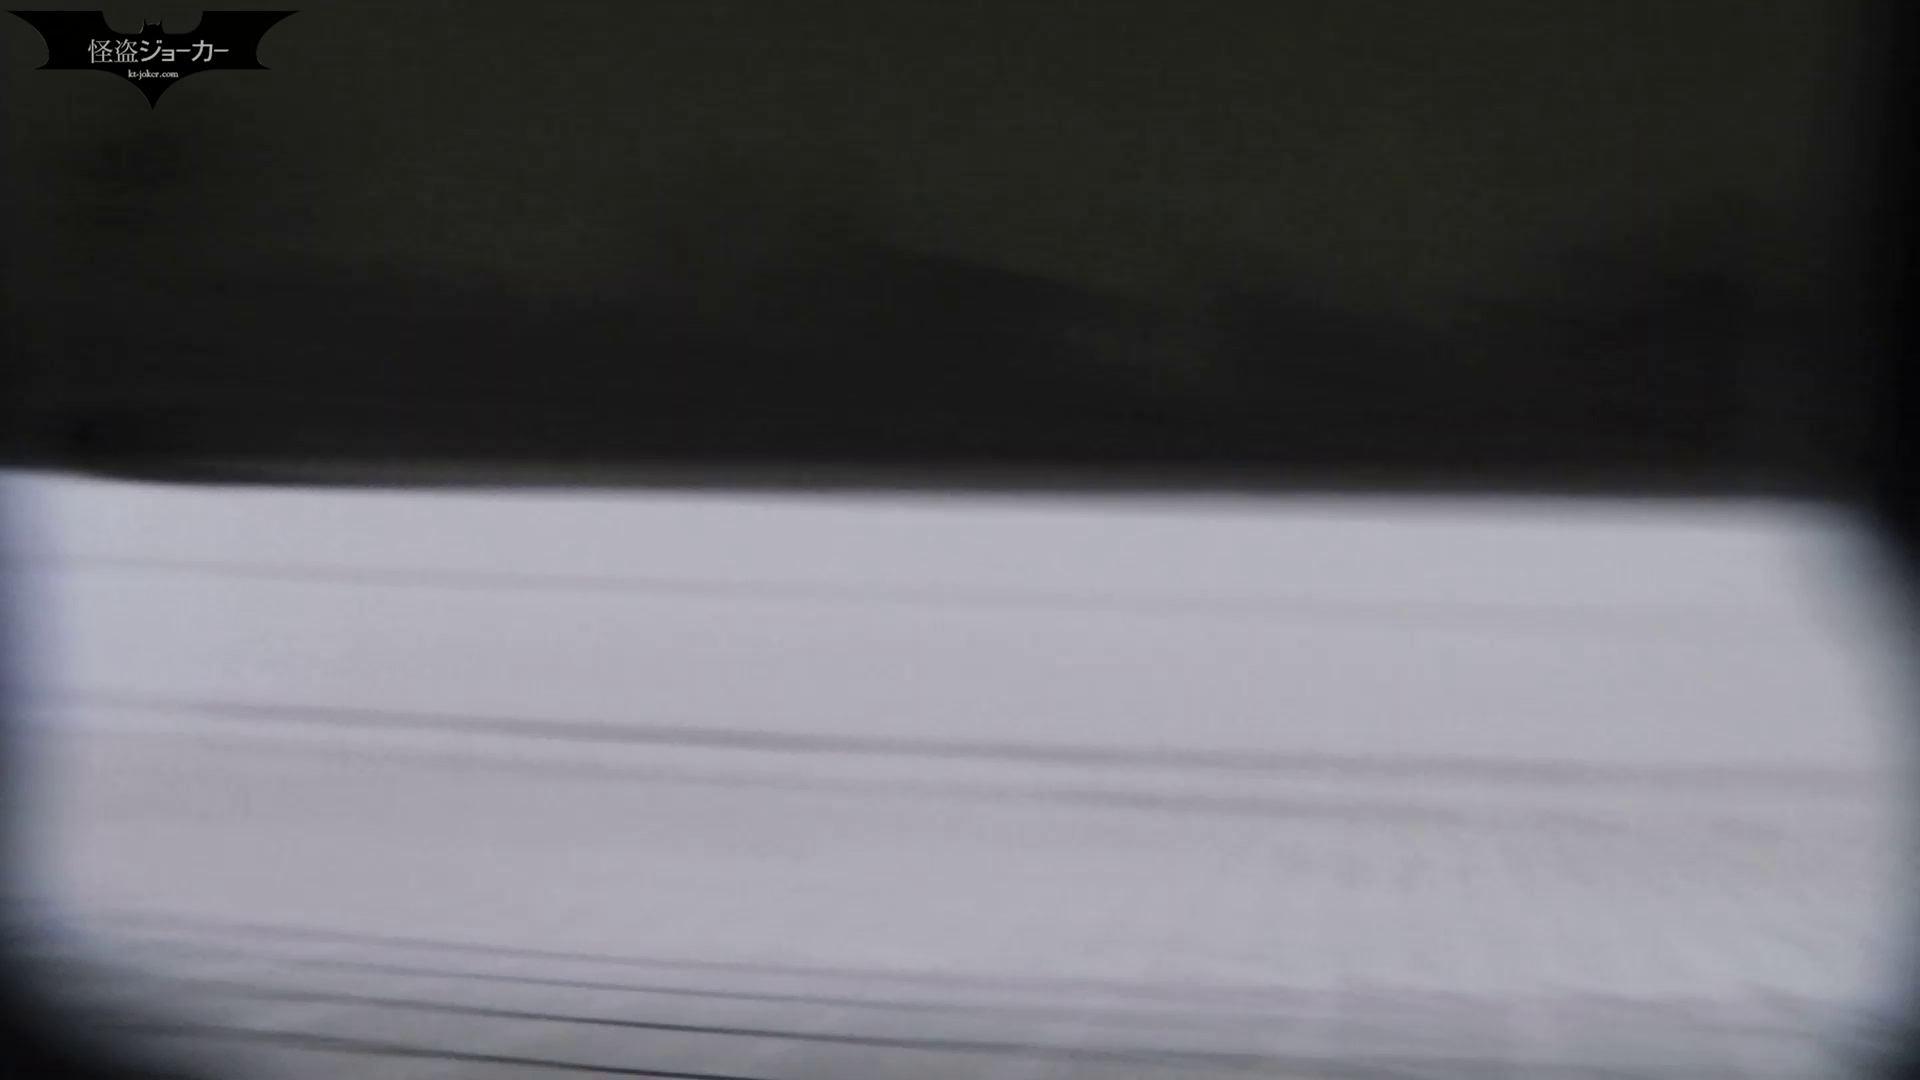 洗面所特攻隊 vol.047 モリモリ、ふきふきにスーパーズーム! OLの実態   洗面所  63pic 11